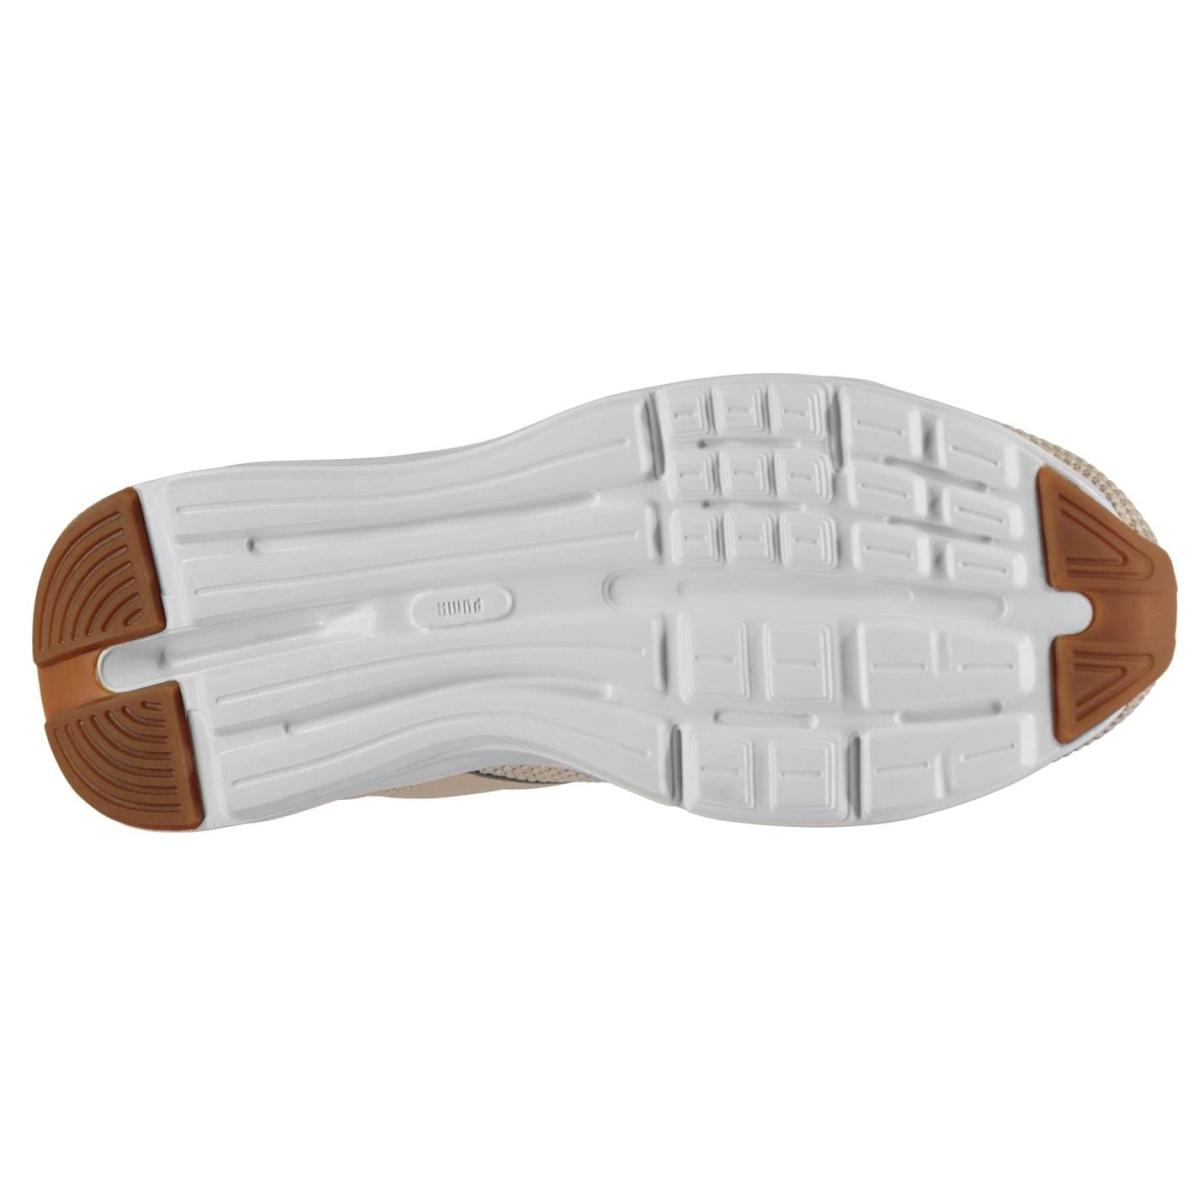 Puma-Enzo-Weave-Turnschuhe-Damen-Sneaker-Sportschuhe-Laufschuhe-1056 Indexbild 6